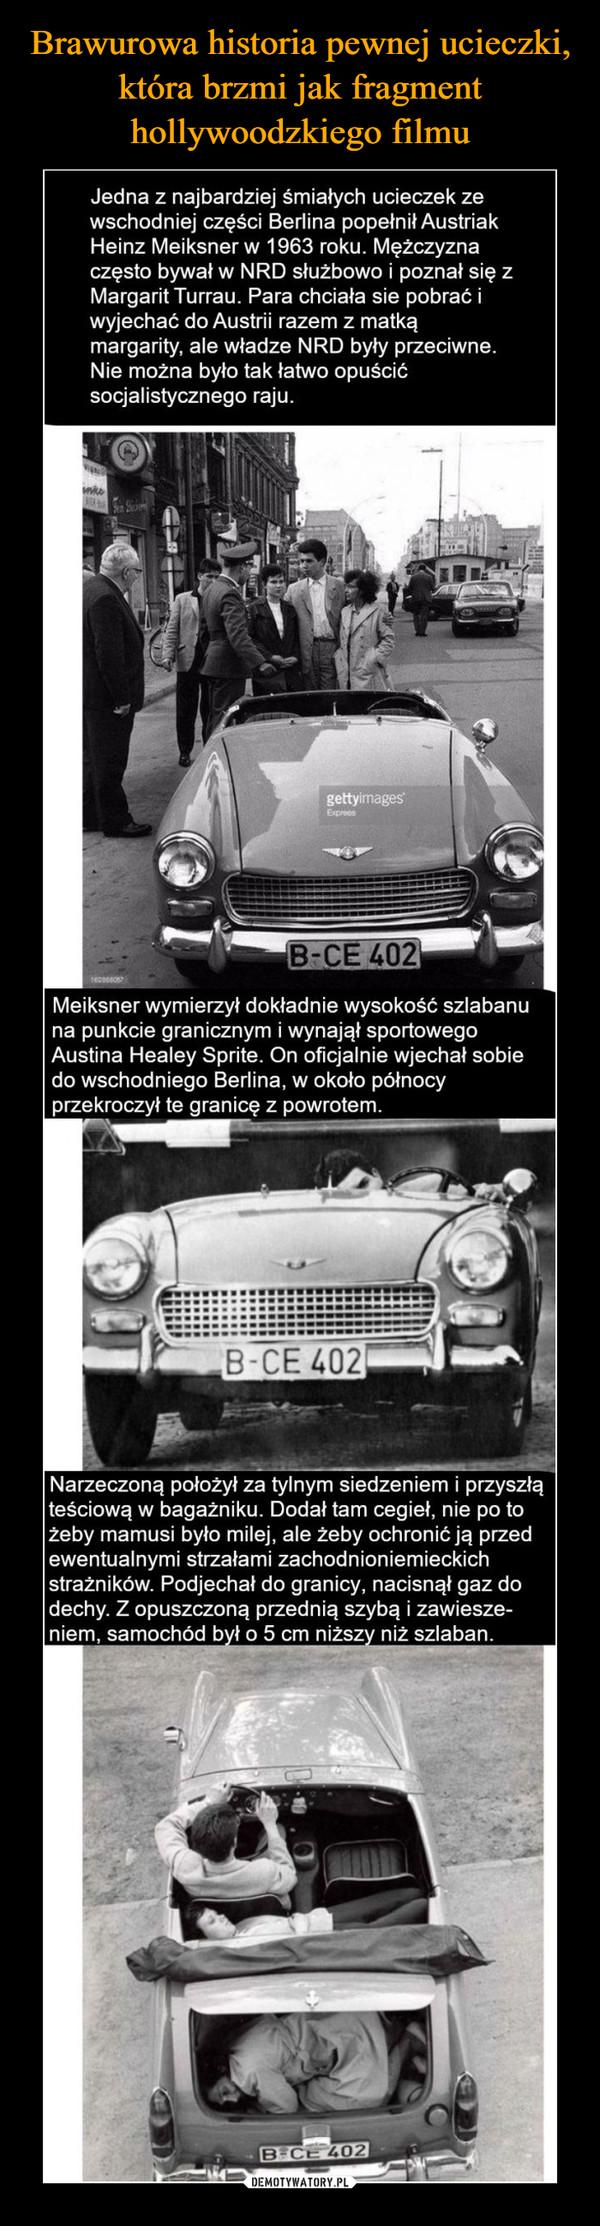 –  Jedna z najbardziej śmiałych ucieczek ze wschodniej części Berlina popełnił Austriak Heinz Meiksner w 1963 roku. Mężczyzna często bywał w NRD służbowo i poznał się z Margarit Turrau. Para chciała sie pobrać i wyjechać do Austrii razem z matką margarity, ale władze NRD były przeciwne. Nie można było tak łatwo opuścić socjalistycznego raju. B-CE 402 Meiksner wymierzył dokładnie wysokość szlabanu na punkcie granicznym i wynajął sportowego Austina Healey Sprite. On oficjalnie wjechał sobie do wschodniego Berlina, w około północy przekroczył te granicę z powrotem. Narzeczoną położył za tylnym siedzeniem i przyszłą teściową w bagażniku. Dodał tam cegieł, nie po to żeby mamusi było milej, ale żeby ochronić ją przed ewentualnymi strzałami zachodnioniemieckich strażników. Podjechał do granicy, nacisnął gaz do dechy. Z opuszczoną przednią szybą i zawiesze-niem, samochód b ł o 5 cm niższ niż szlaban.